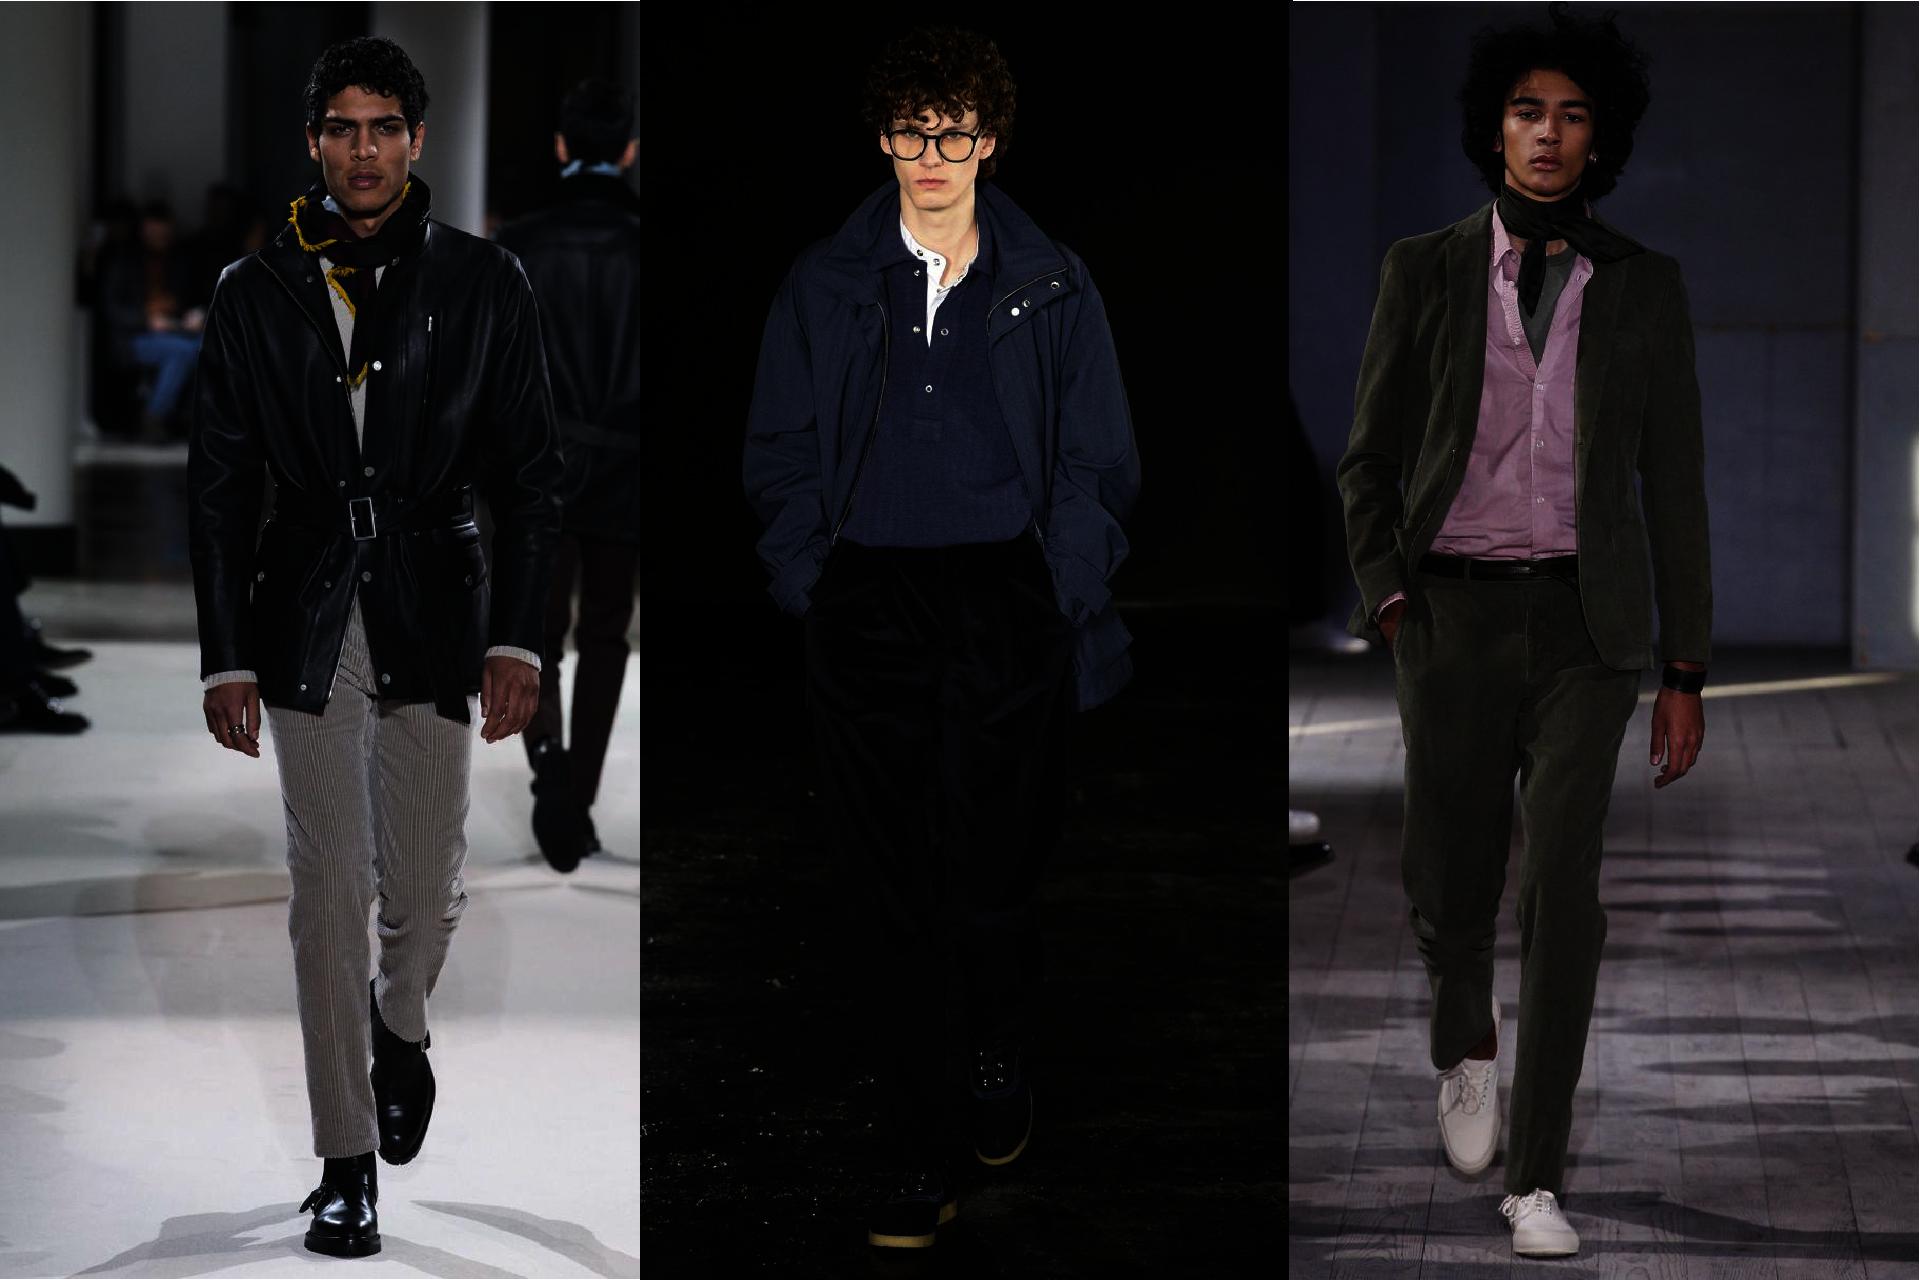 Trendy w modzie męskiej jesień-zima 2017, Pokazy mody męskiej jesień-zima 2017, Sztruks w modzie męskiej, Spodnie sztruksowe męskie, Sztruks wraca do mody